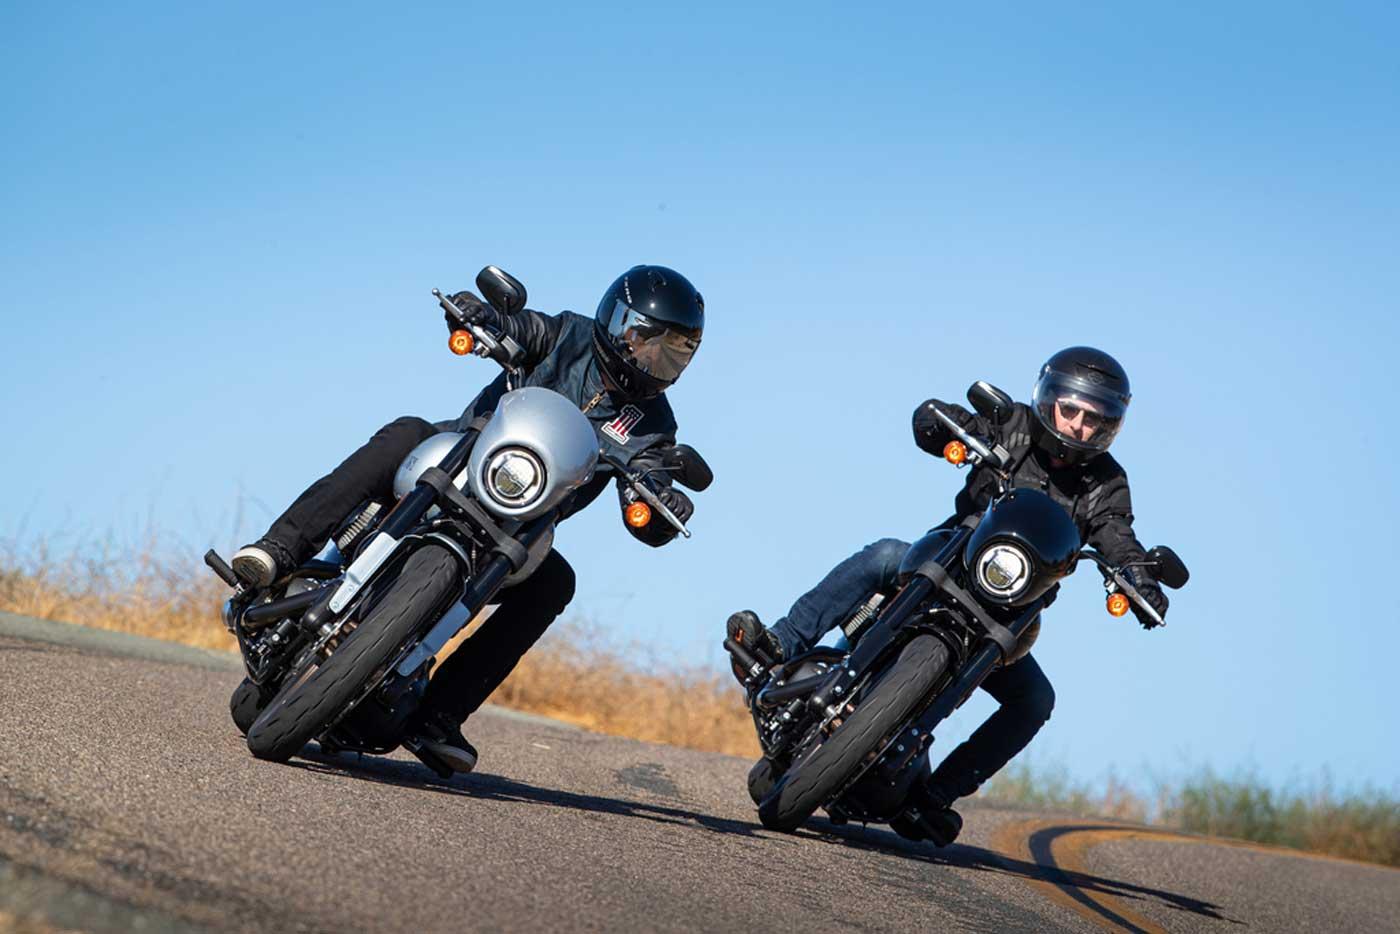 Übersicht zu den neuen Harley-Davidson Modellen